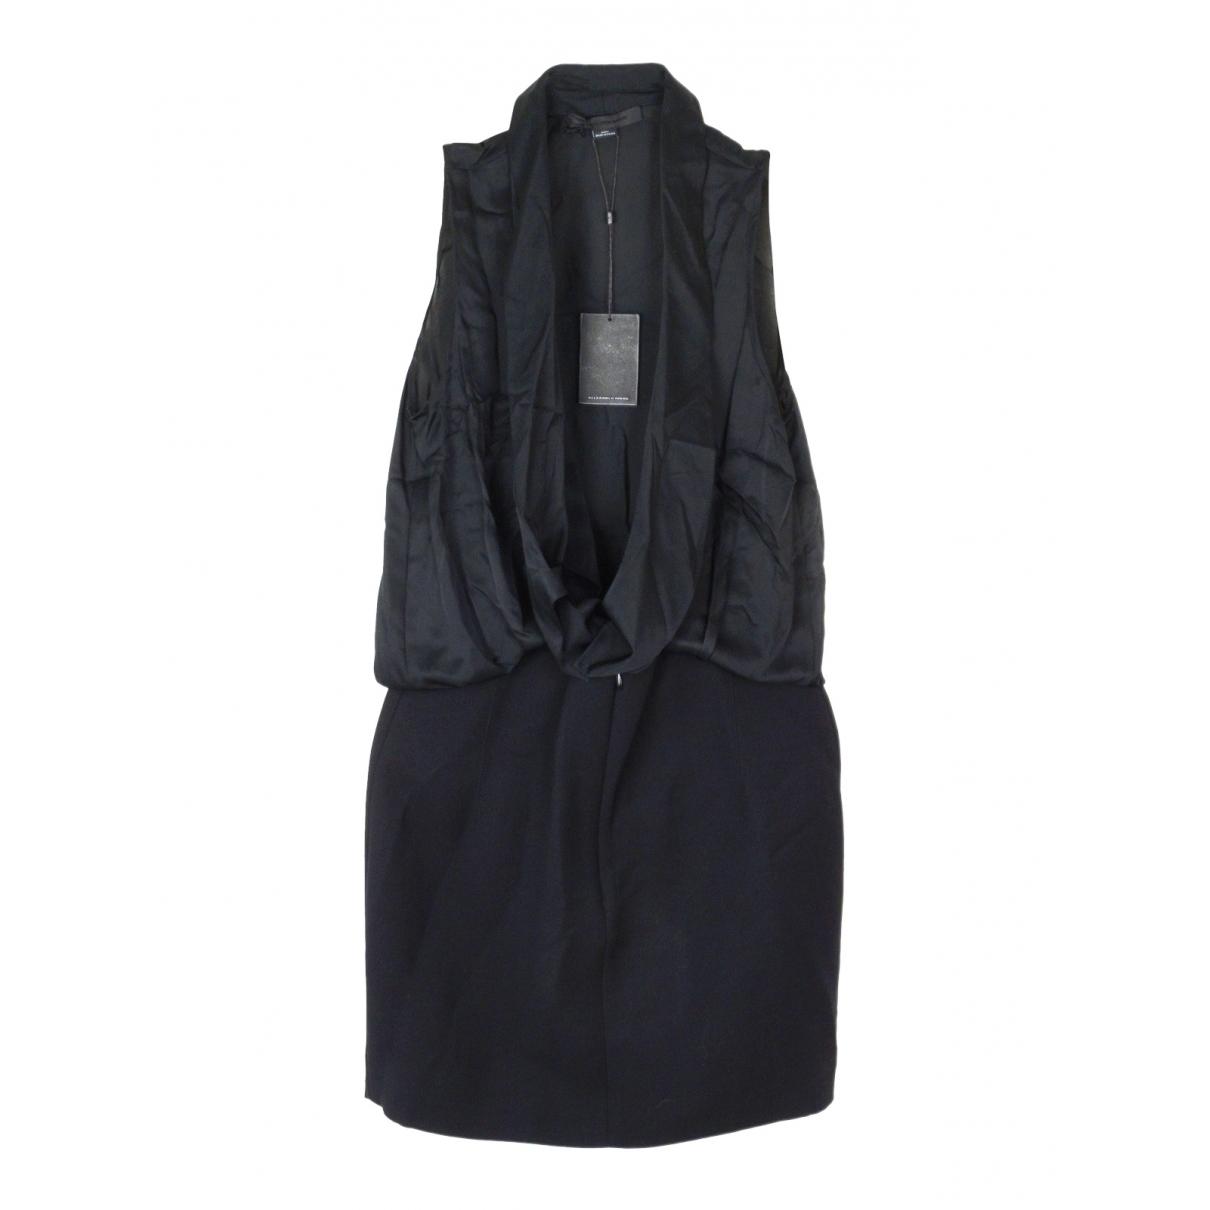 Alexander Wang \N Kleid in  Schwarz Wolle